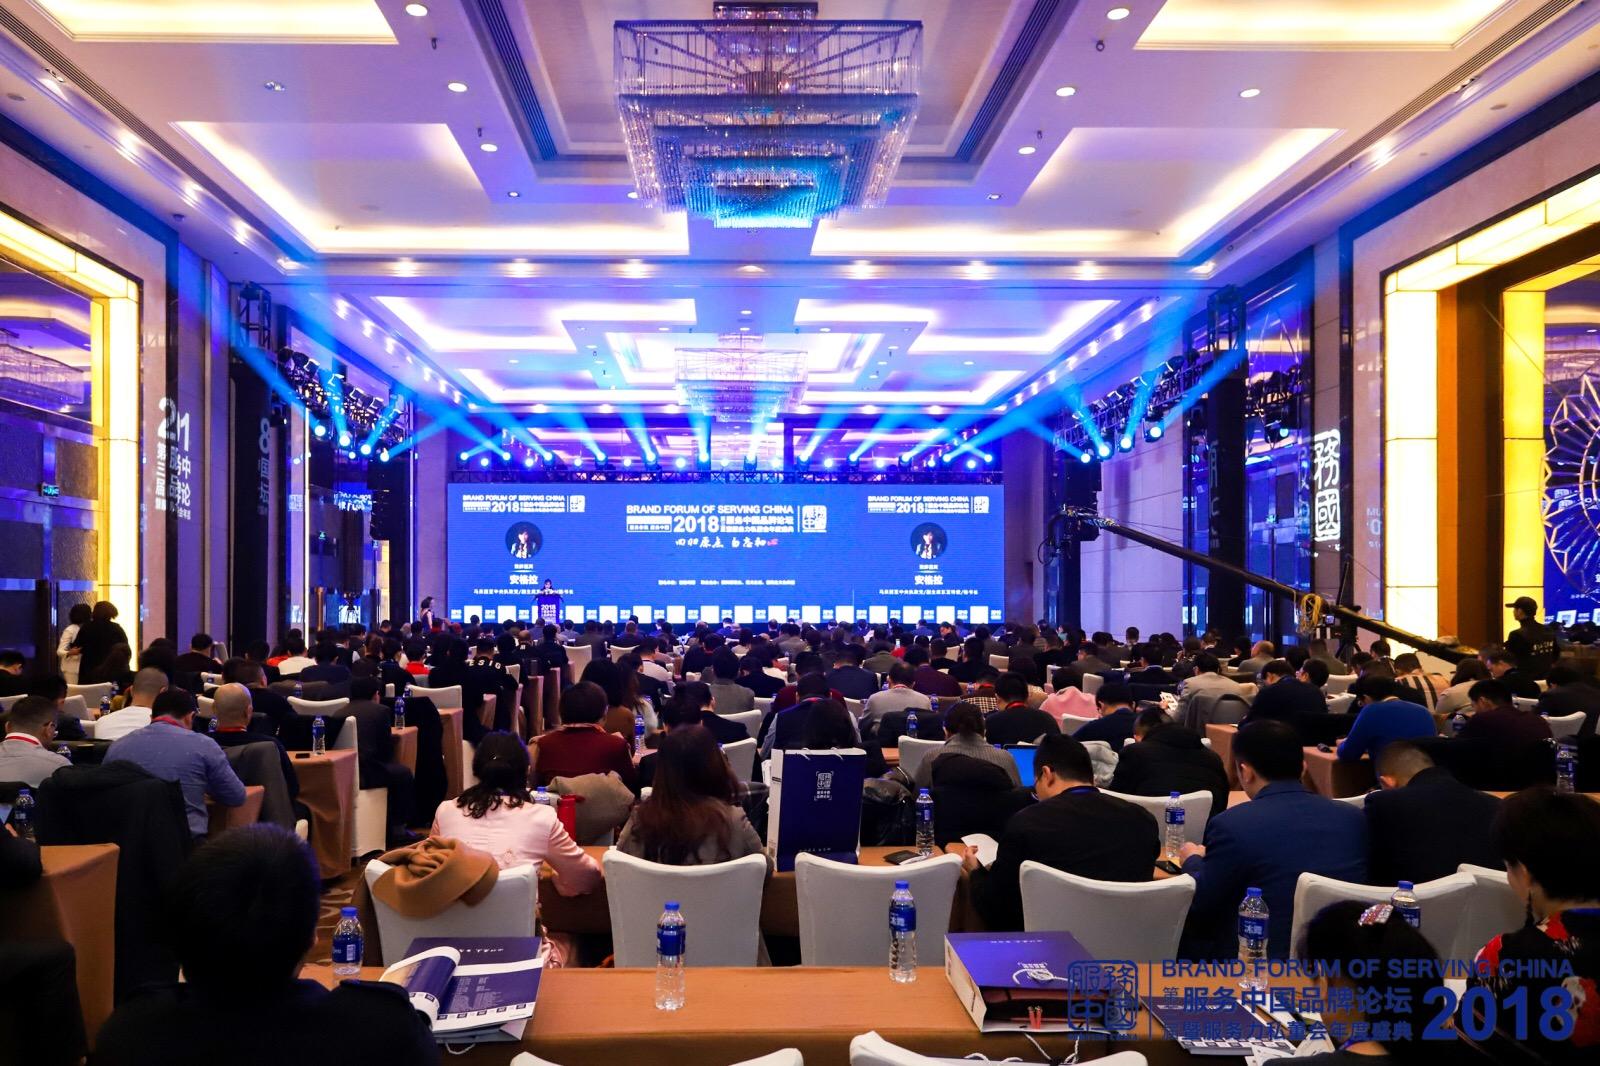 第三届服务中国品牌论坛.jpg